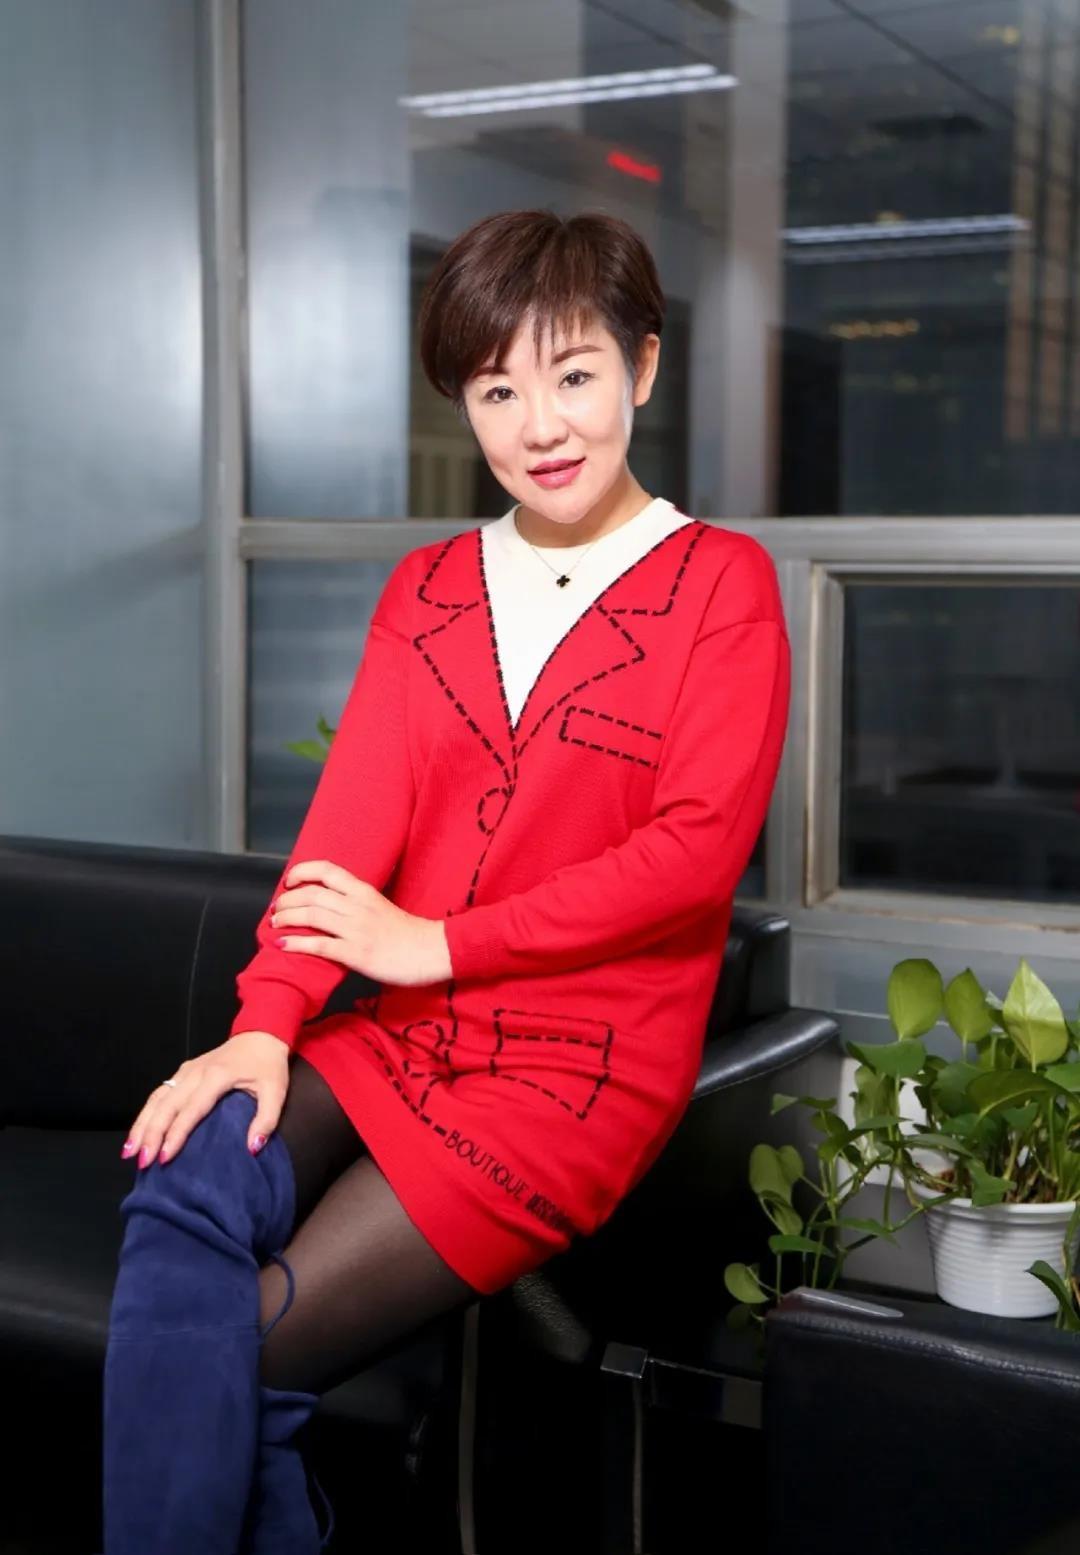 恒昌利通市场品牌副总裁朱莉:大道平安战略与文化成就商业经典